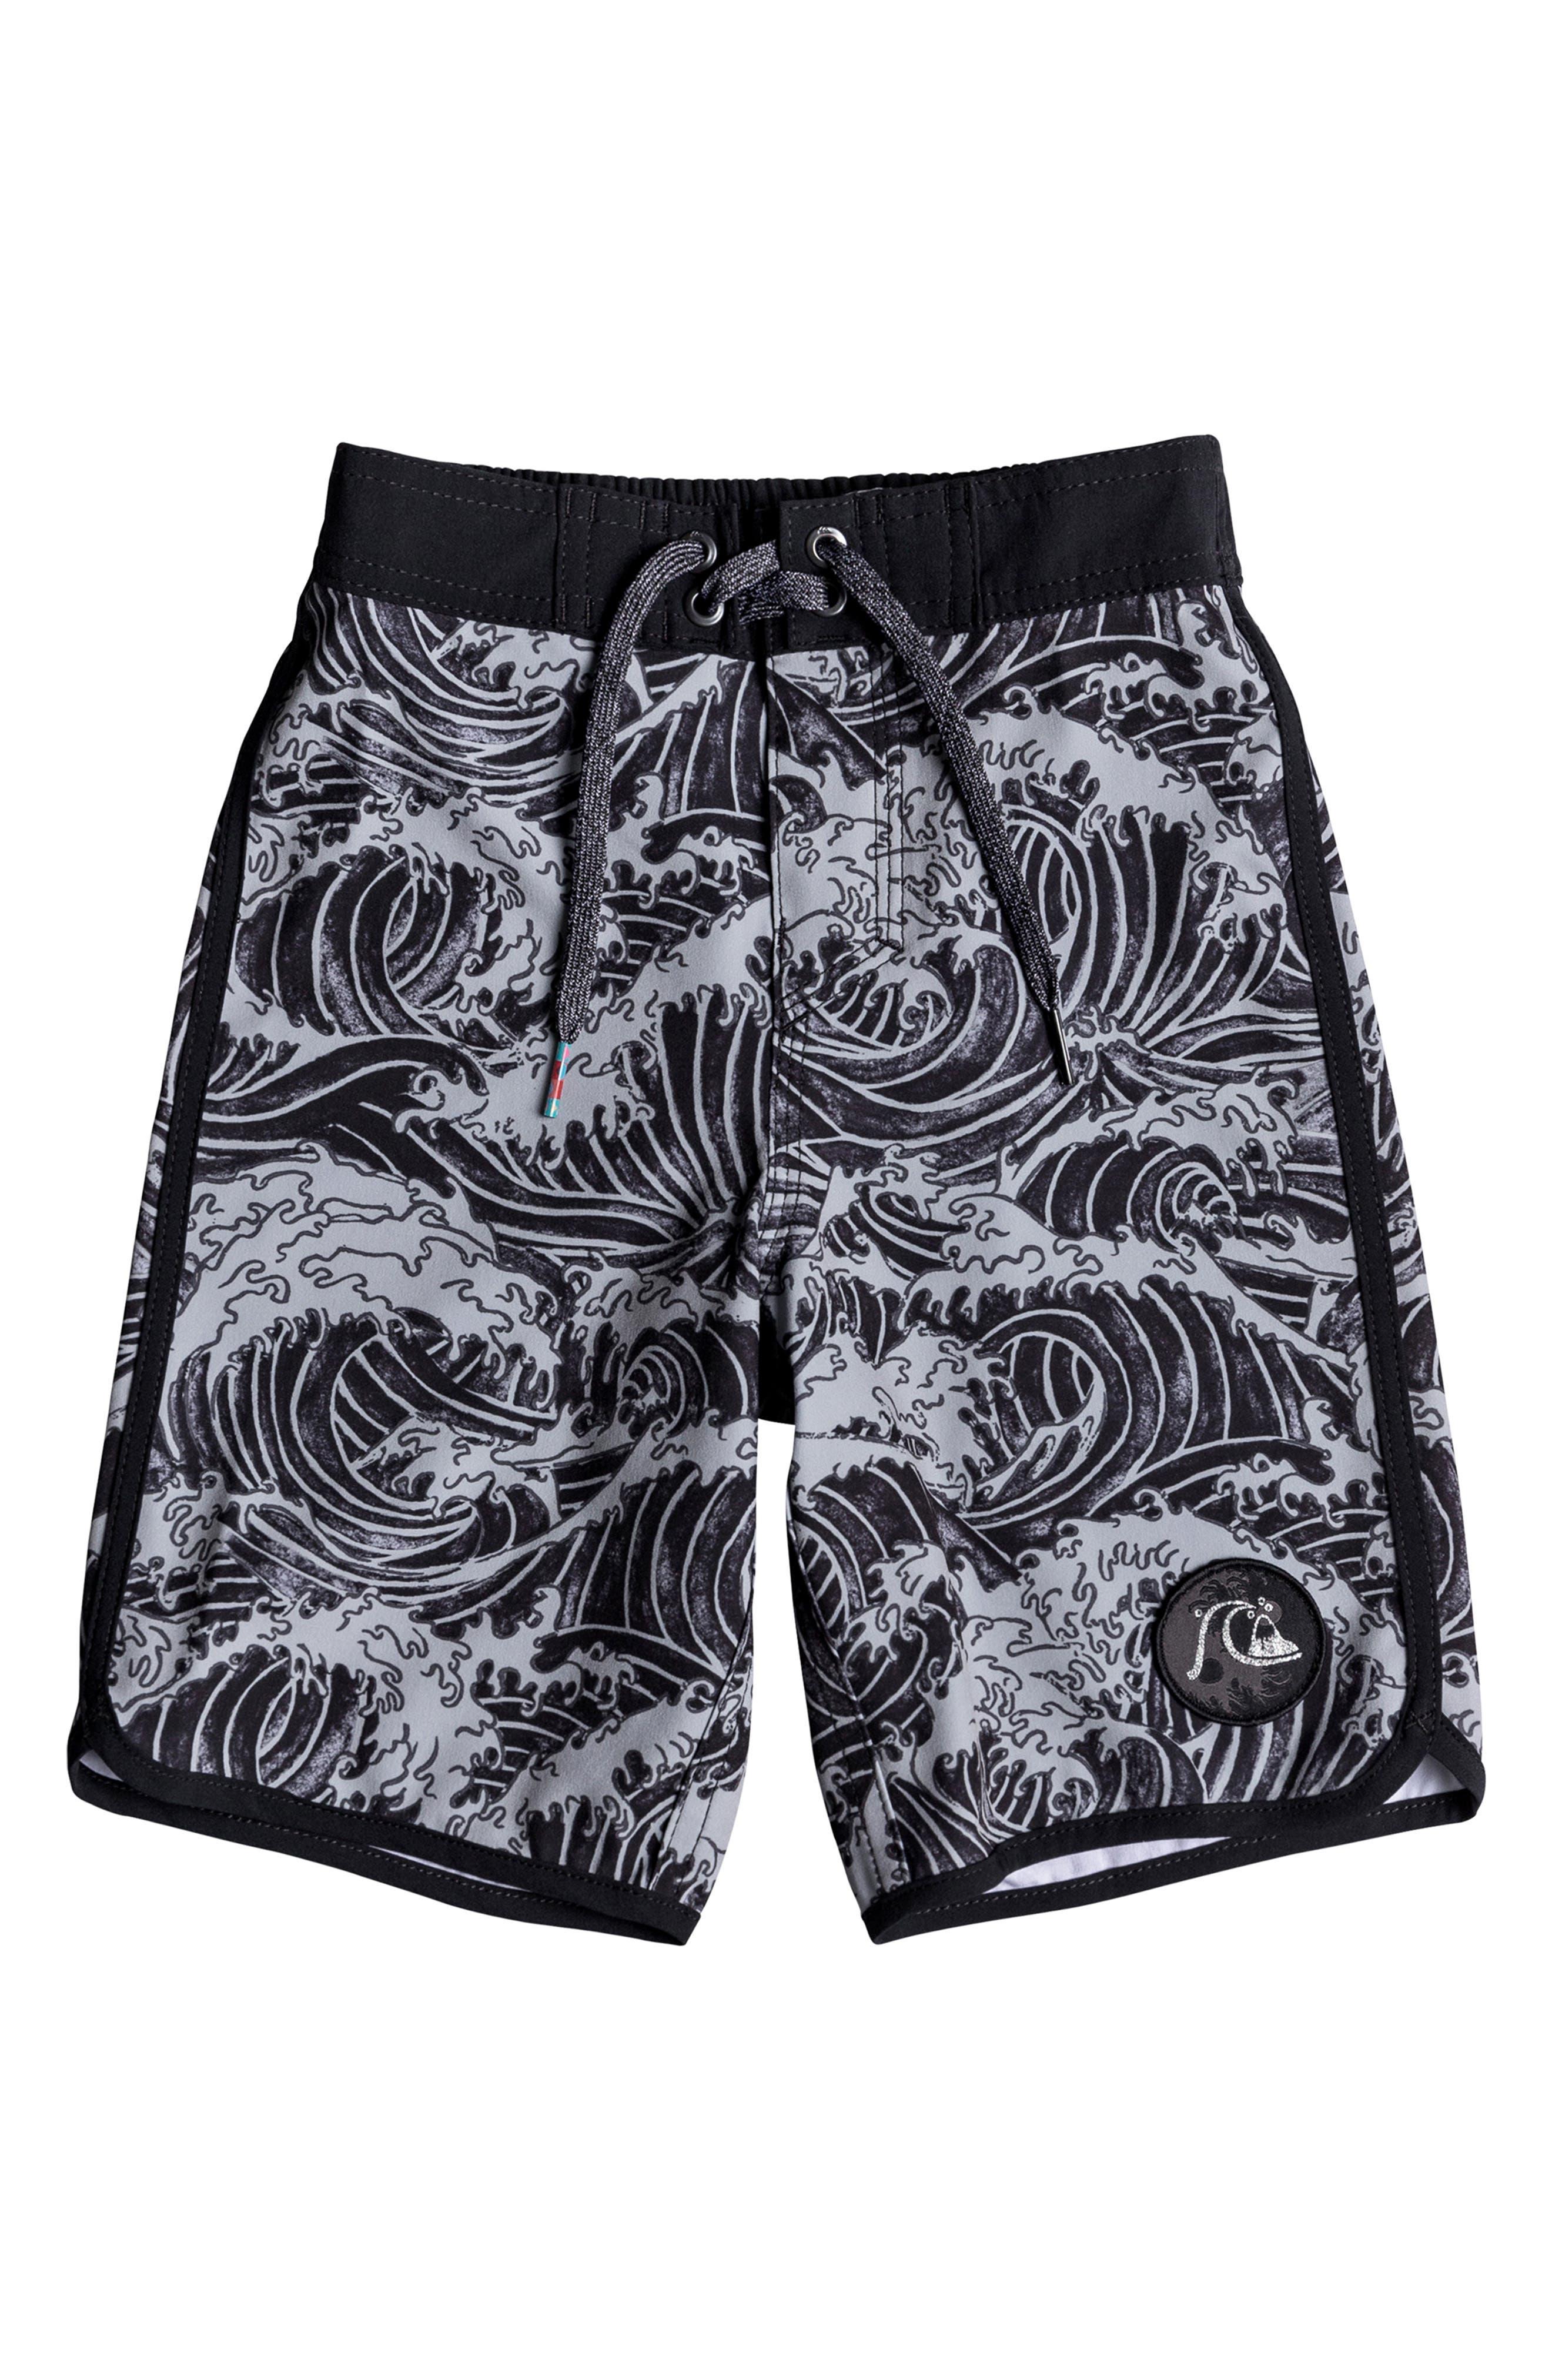 Highline Legend Board Shorts, Main, color, BLACK